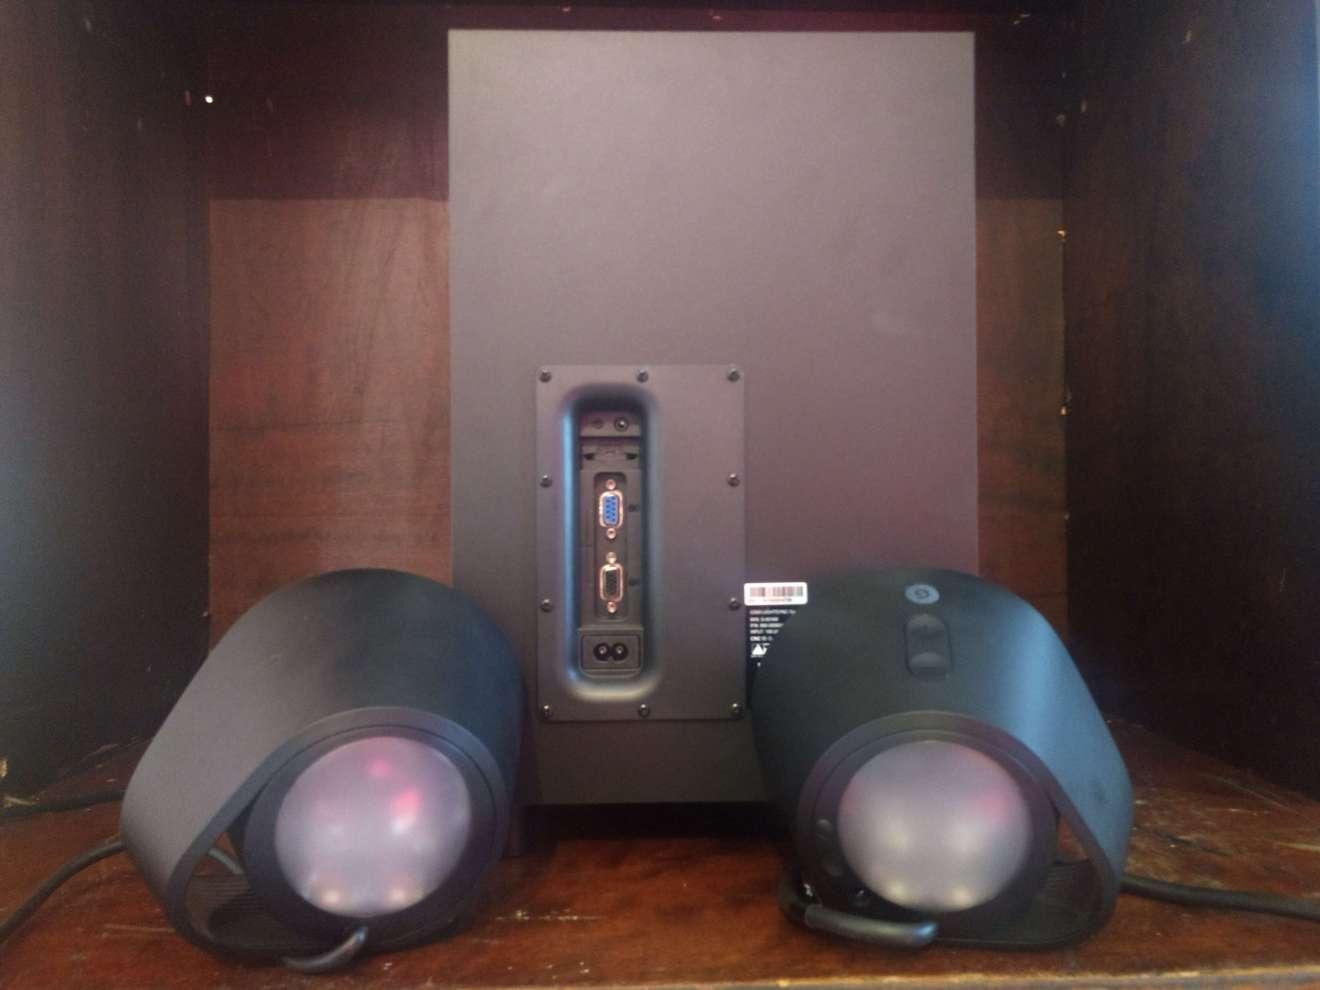 Review: Logitech G560 entrega iluminação e áudio imersivos para jogos 6